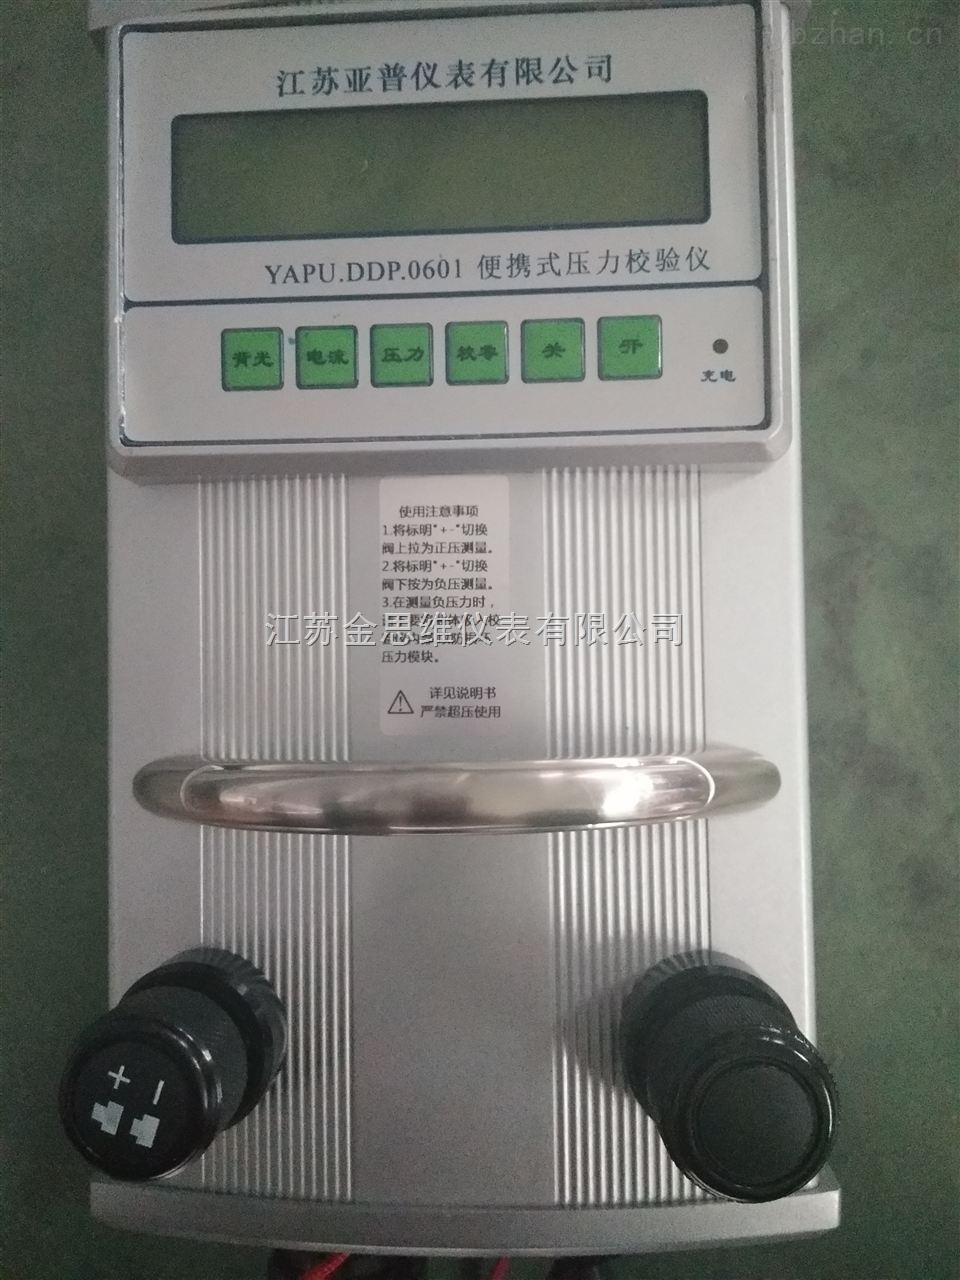 便携式气压校验仪